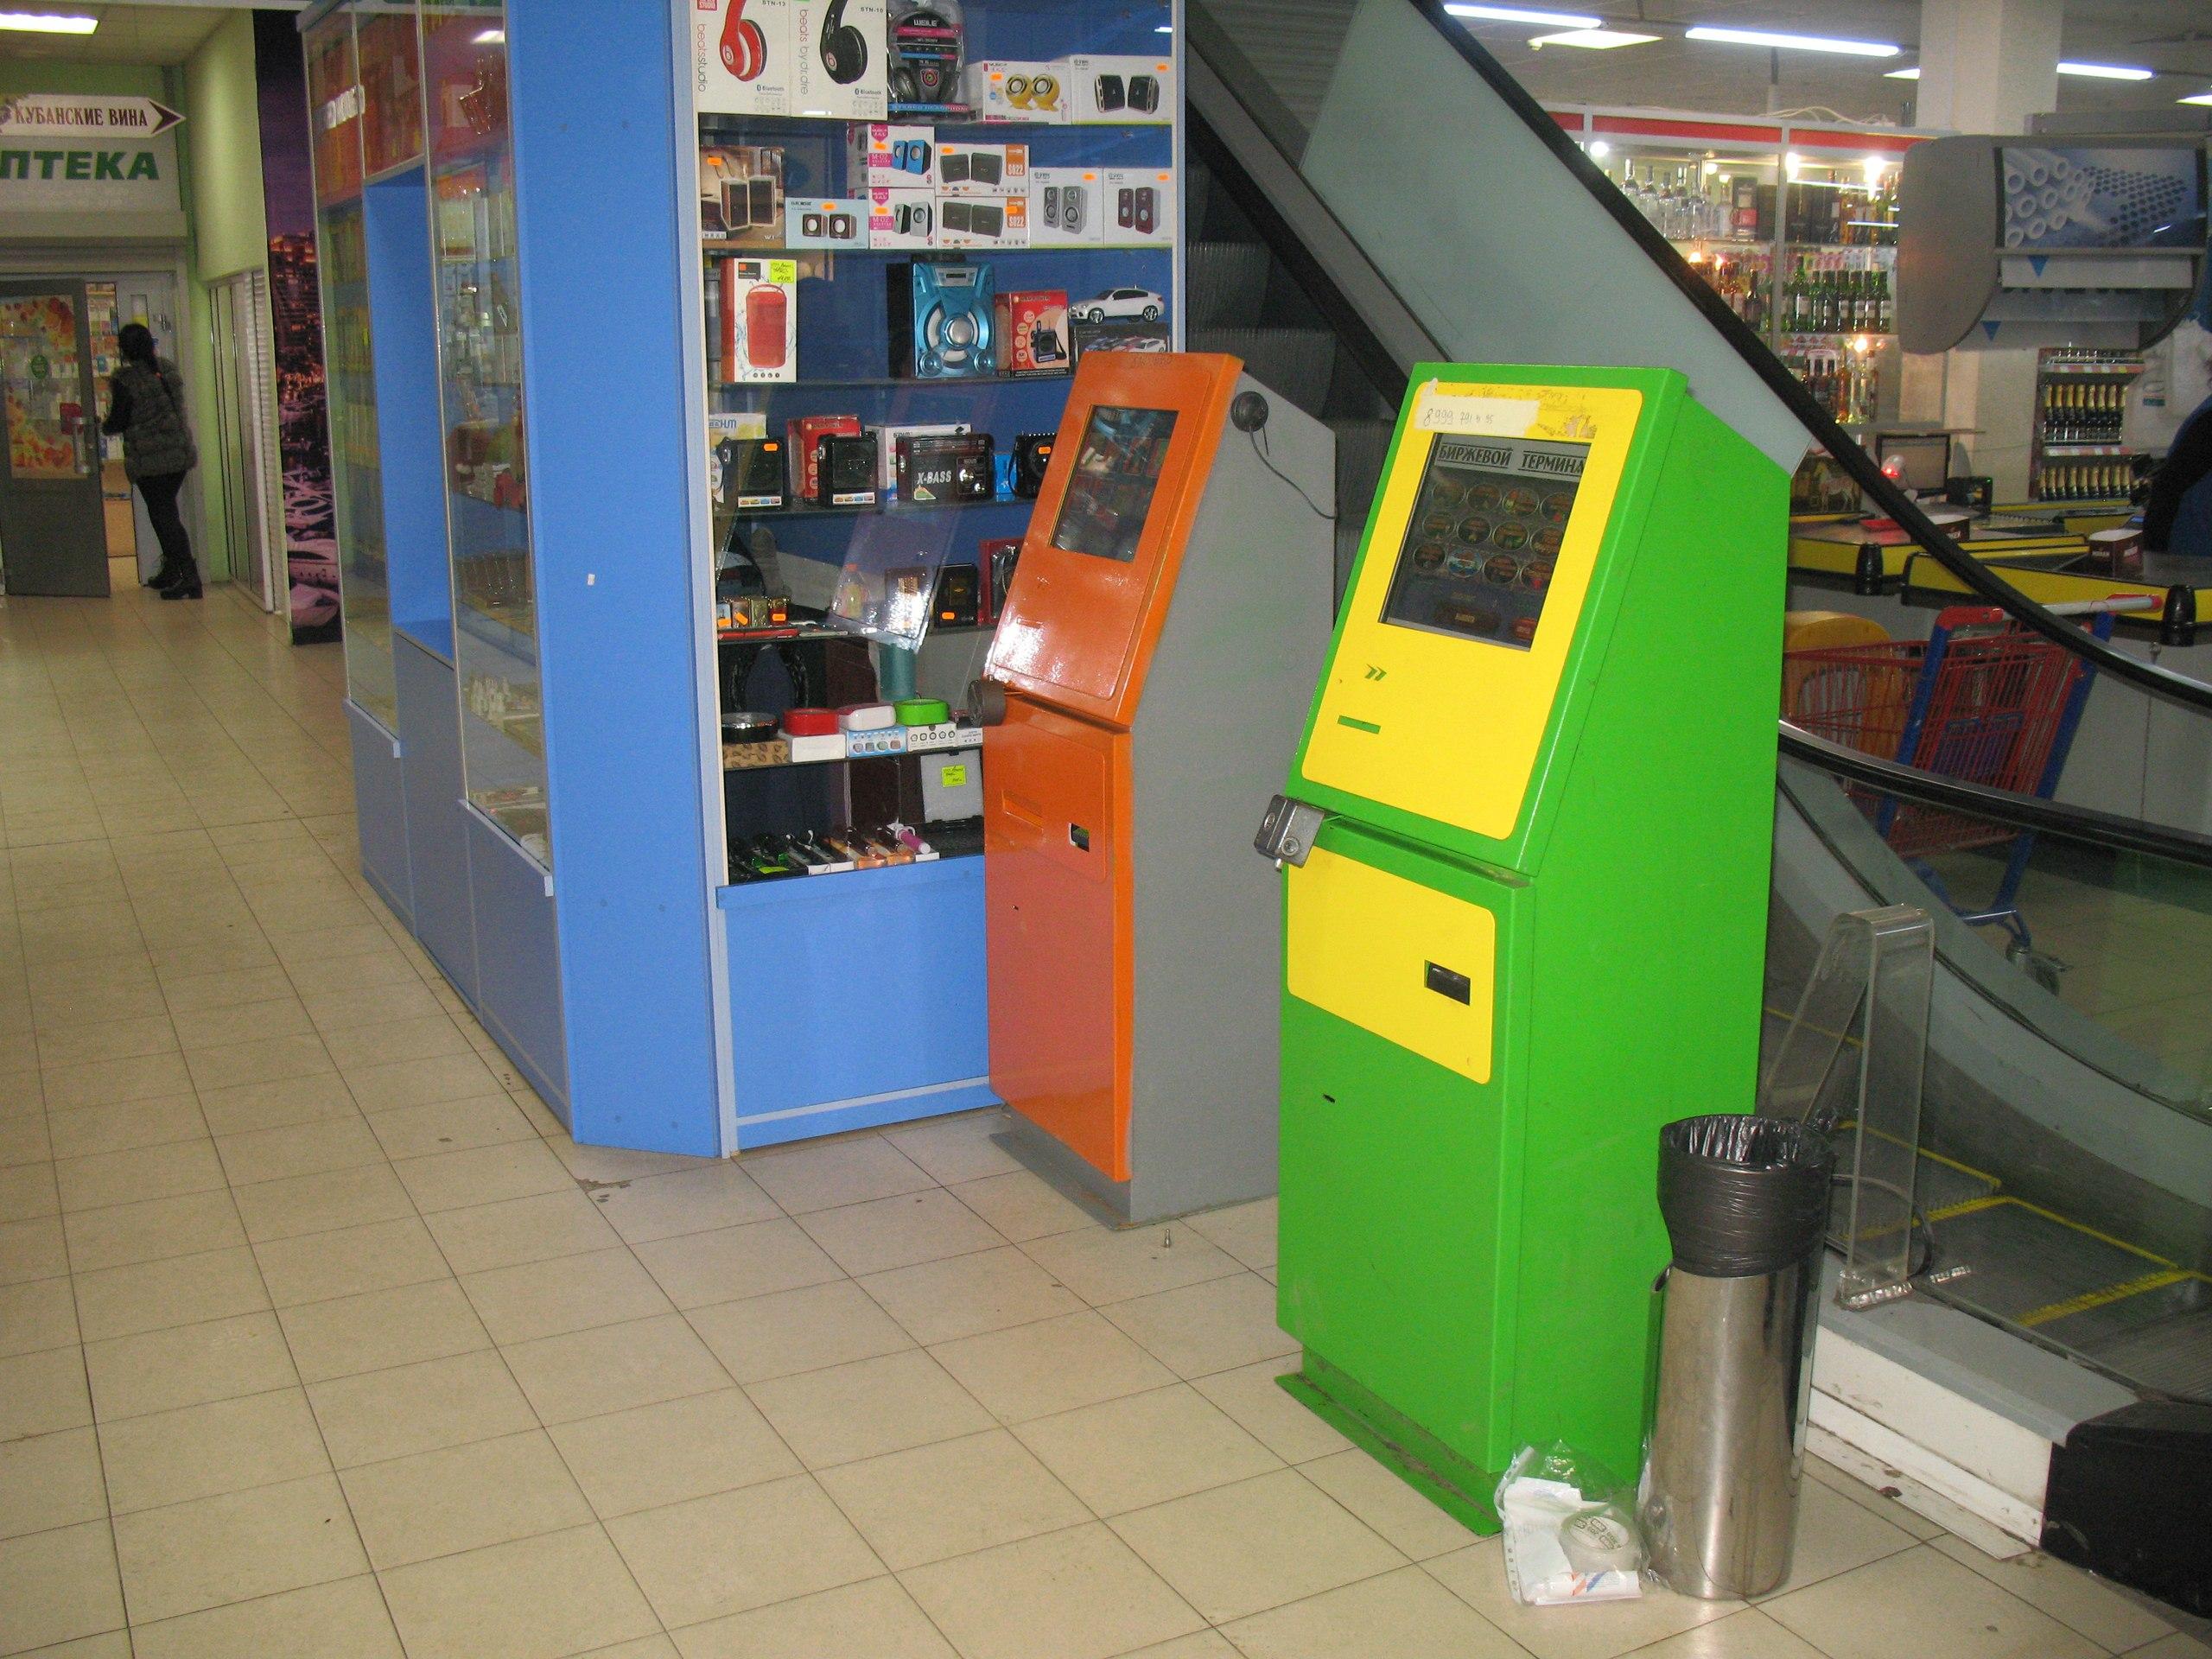 Игровые автоматы в вологде казино онлайн как обыграть